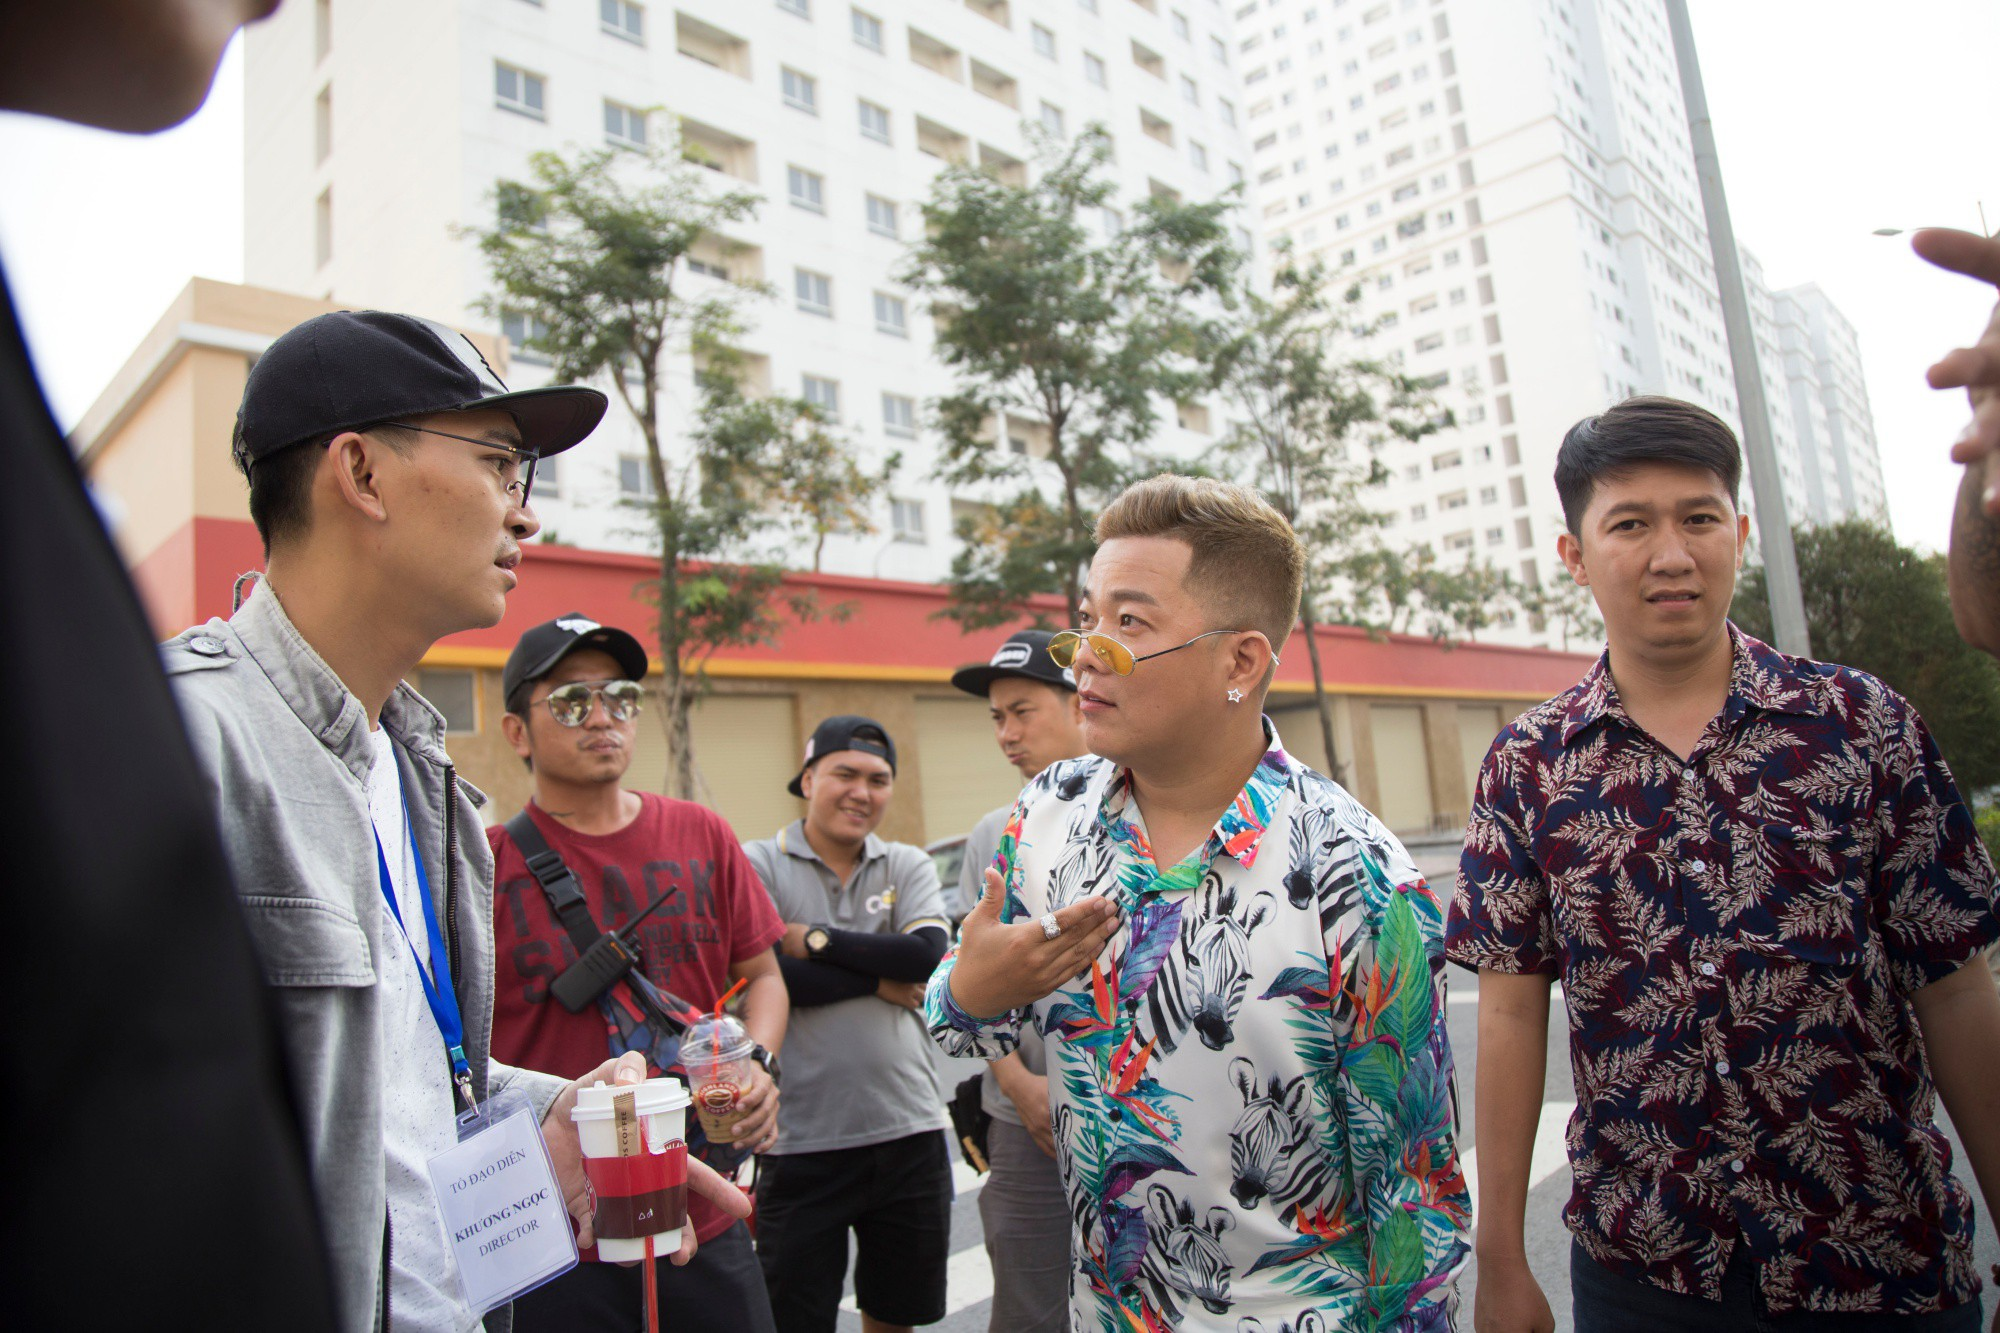 Quyết chơi lớn đầu tư 20 tỷ cho phim điện ảnh, Chị Mười Ba Thu Trang phải tuyên bố cai thuốc lá - Ảnh 3.